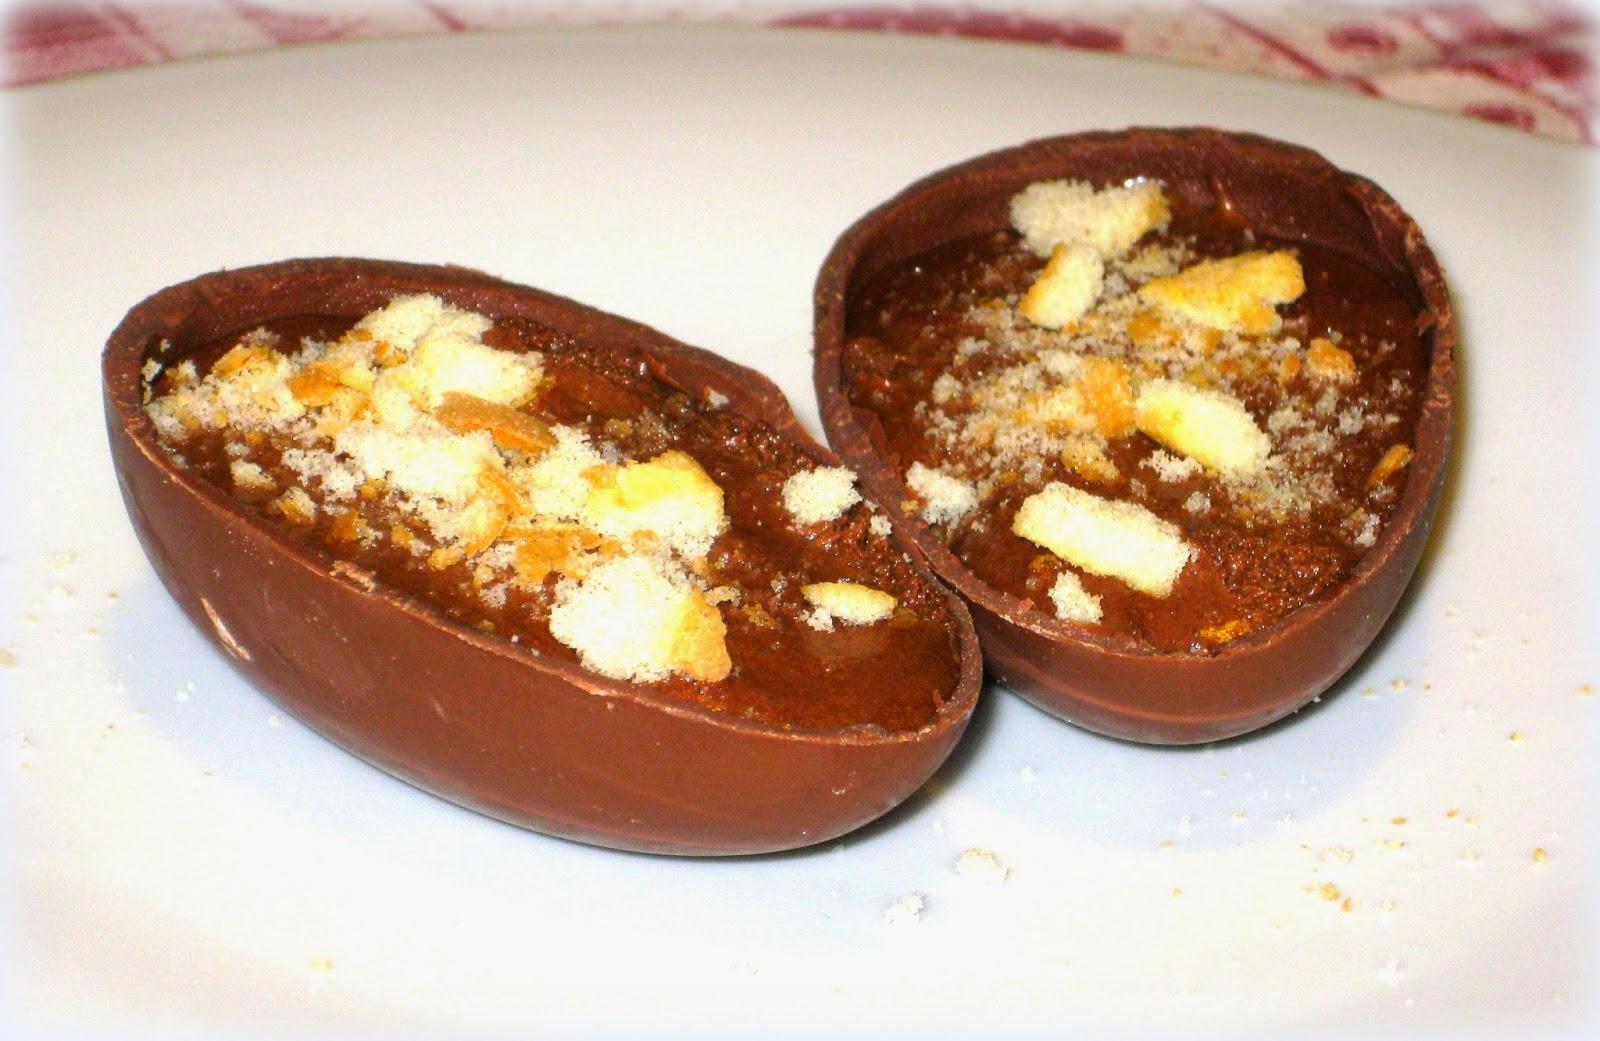 La ricetta degli Ovetti di Pasqua ripieni di Mousse al Cioccolato, morbida e deliziosa, è perfetta per riciclare le uova di Pasqua.